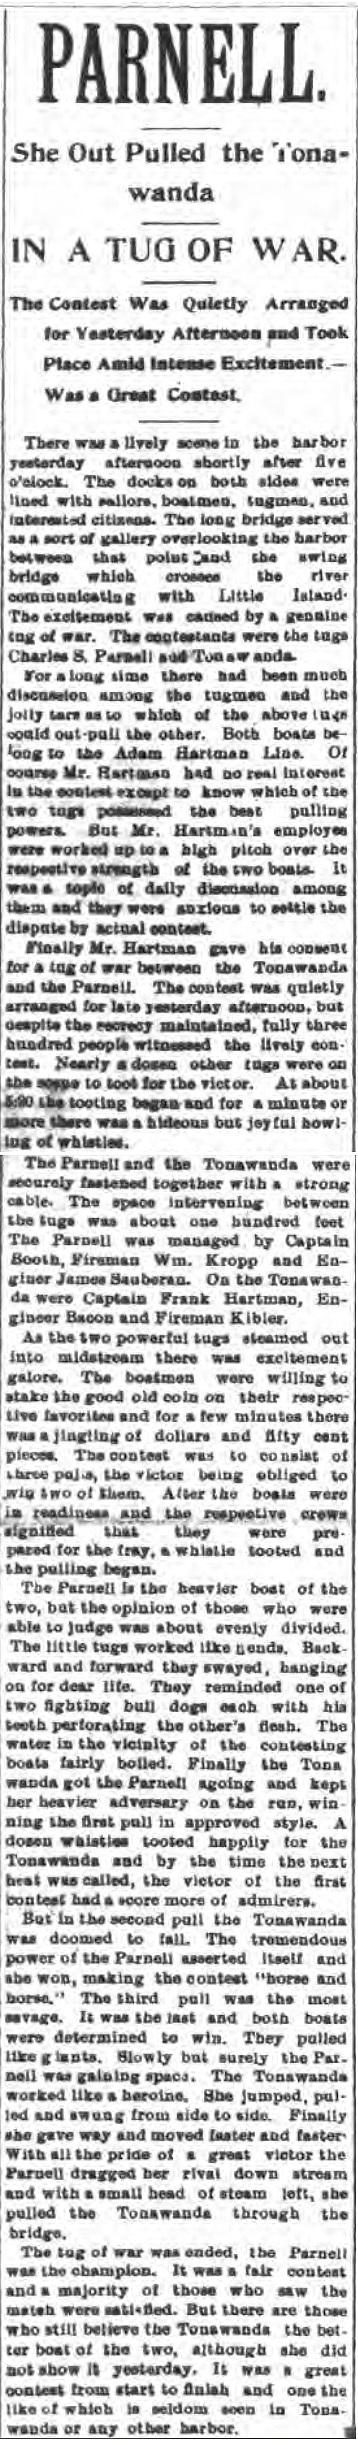 Parnell and Tonawanda Tug of War, article (Tonawanda News, 1897-09-07).jpg